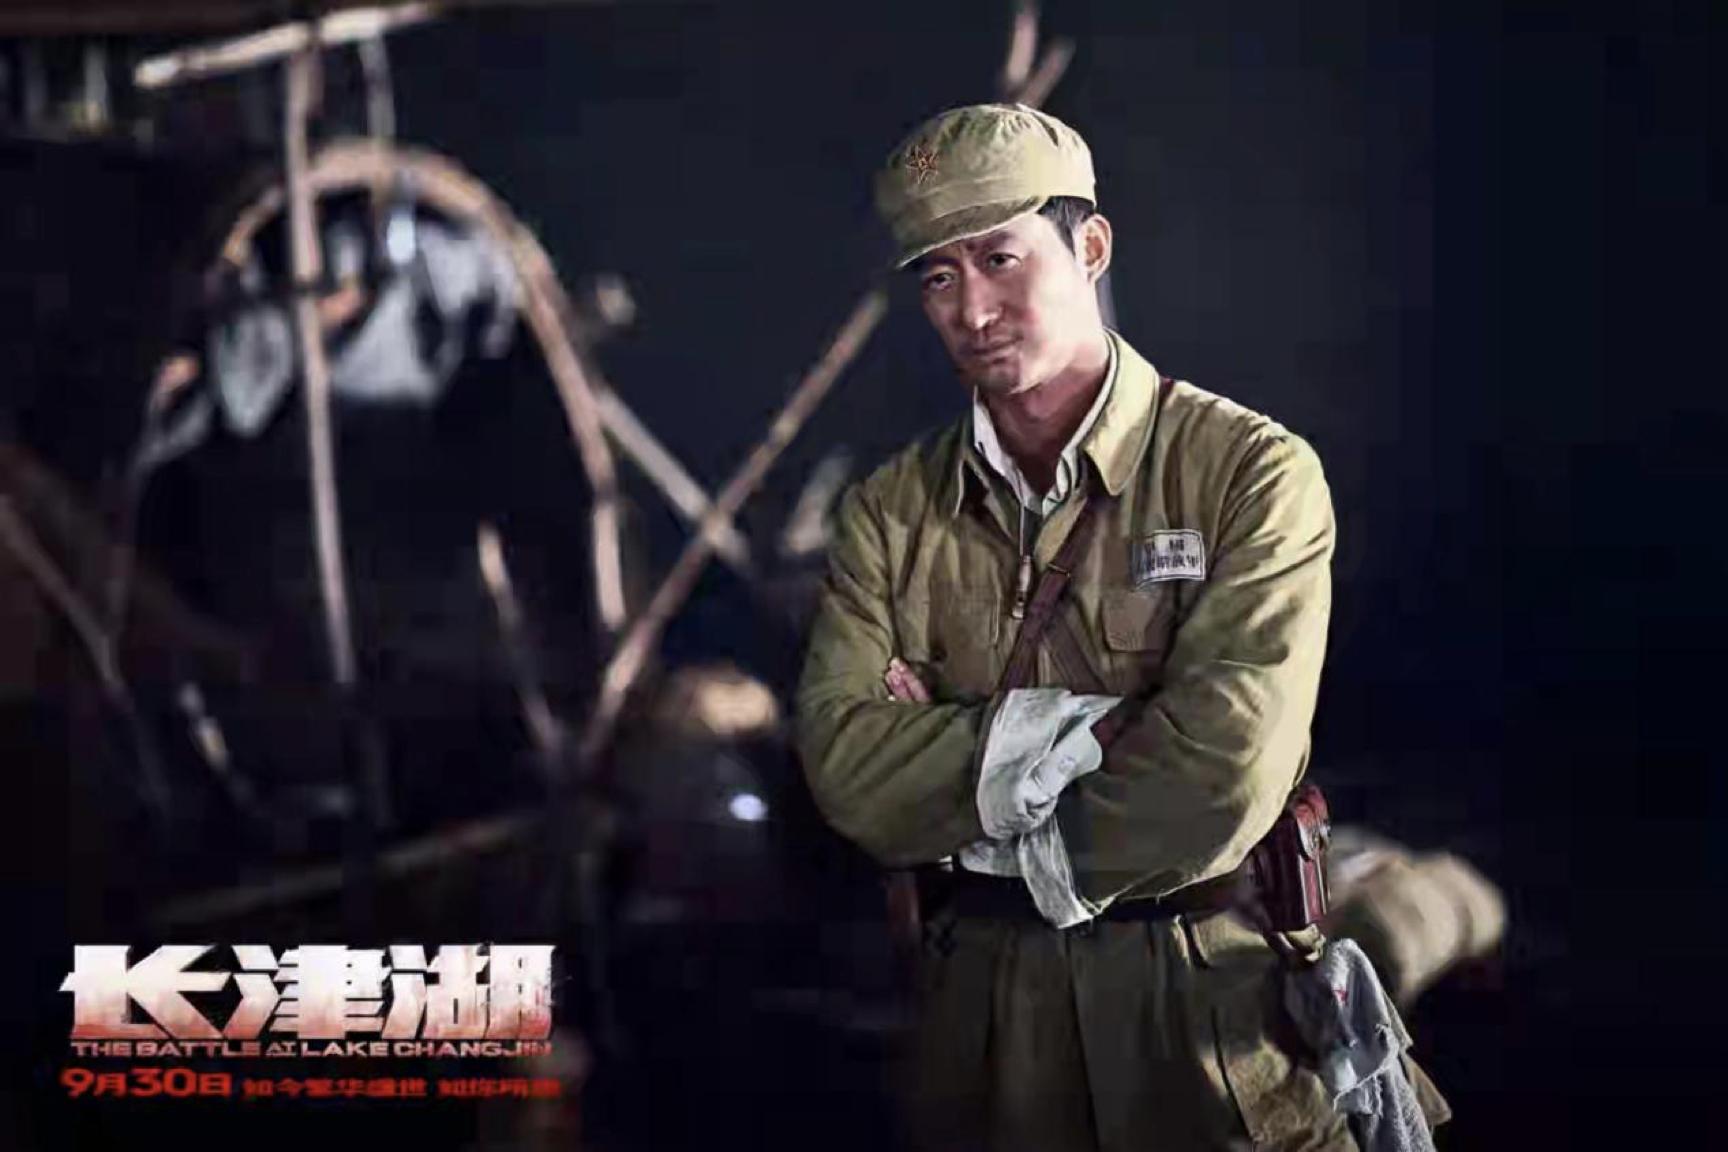 冲着易烊千玺关注了《长津湖》,结果爱上了一群钢铁汉子